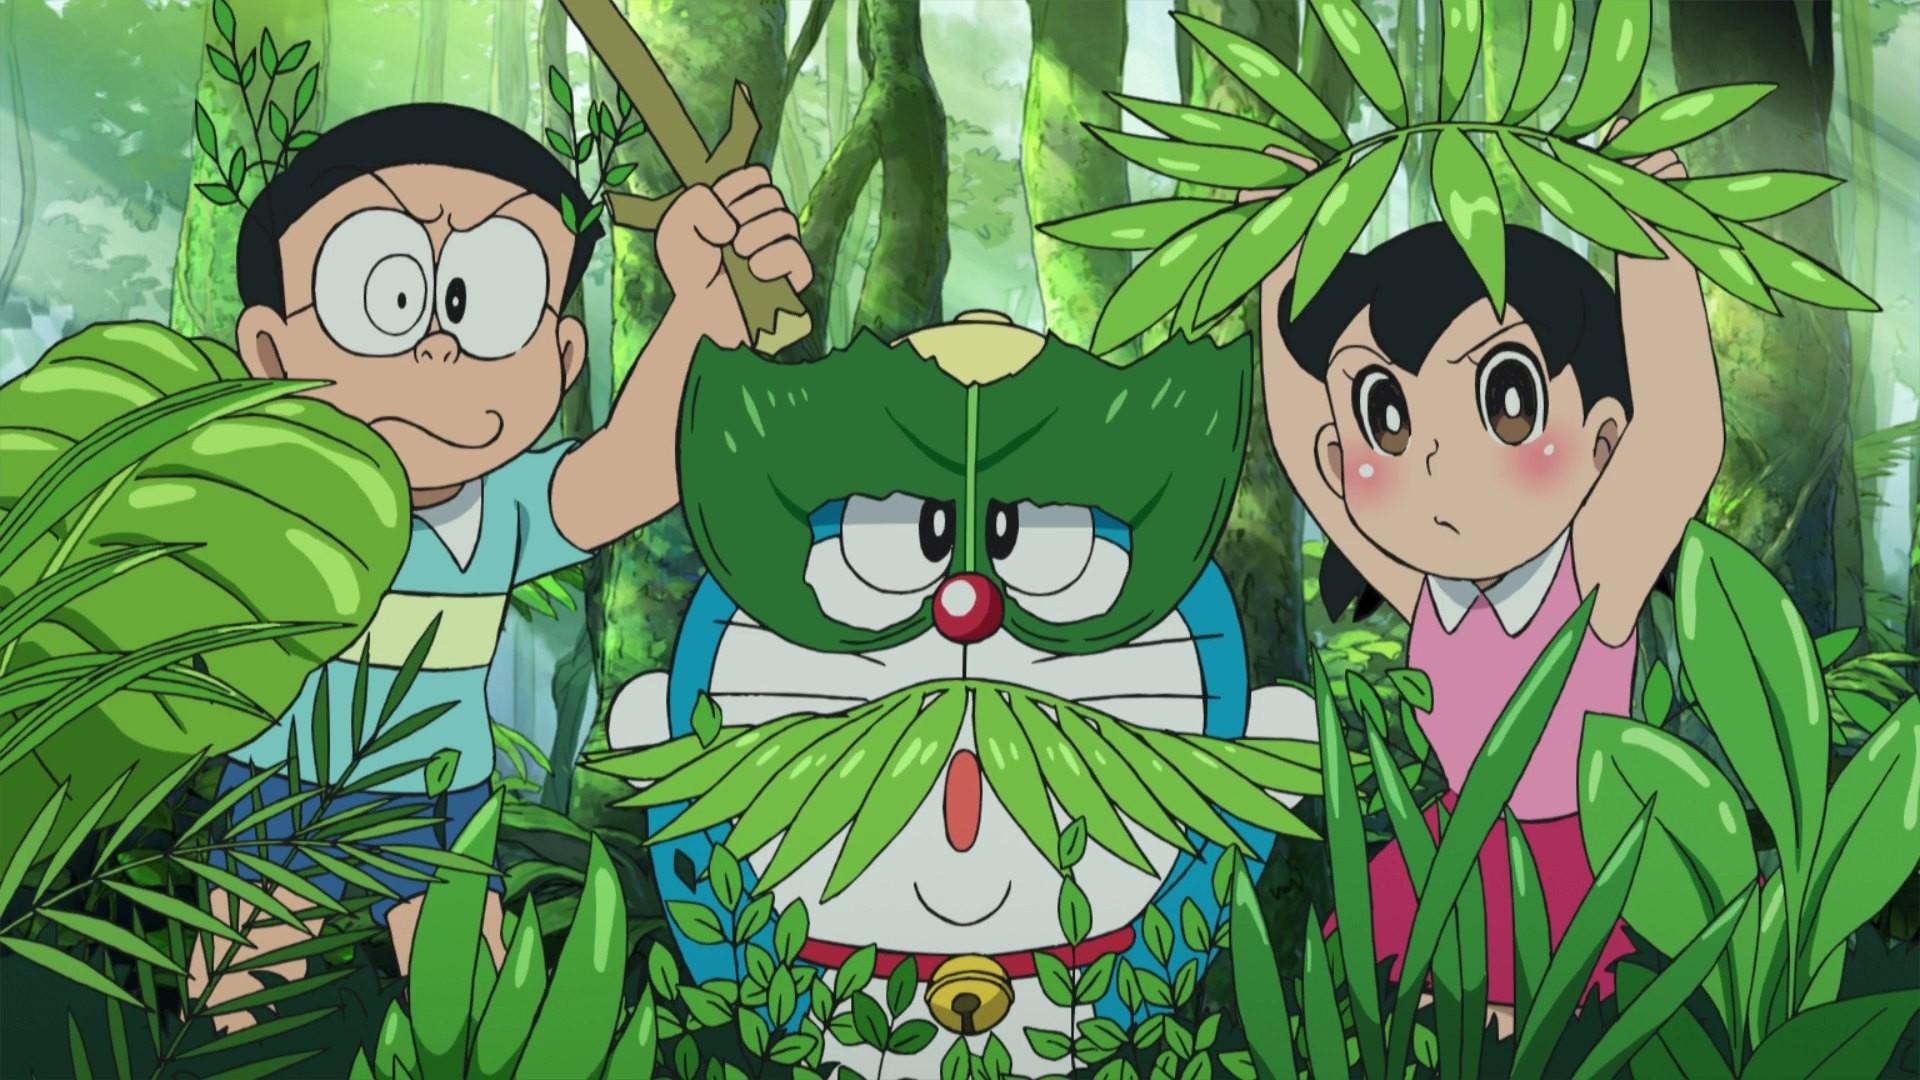 Stand By Me Doraemon 3d Wallpaper Doraemon 3d Wallpaper 2018 69 Images